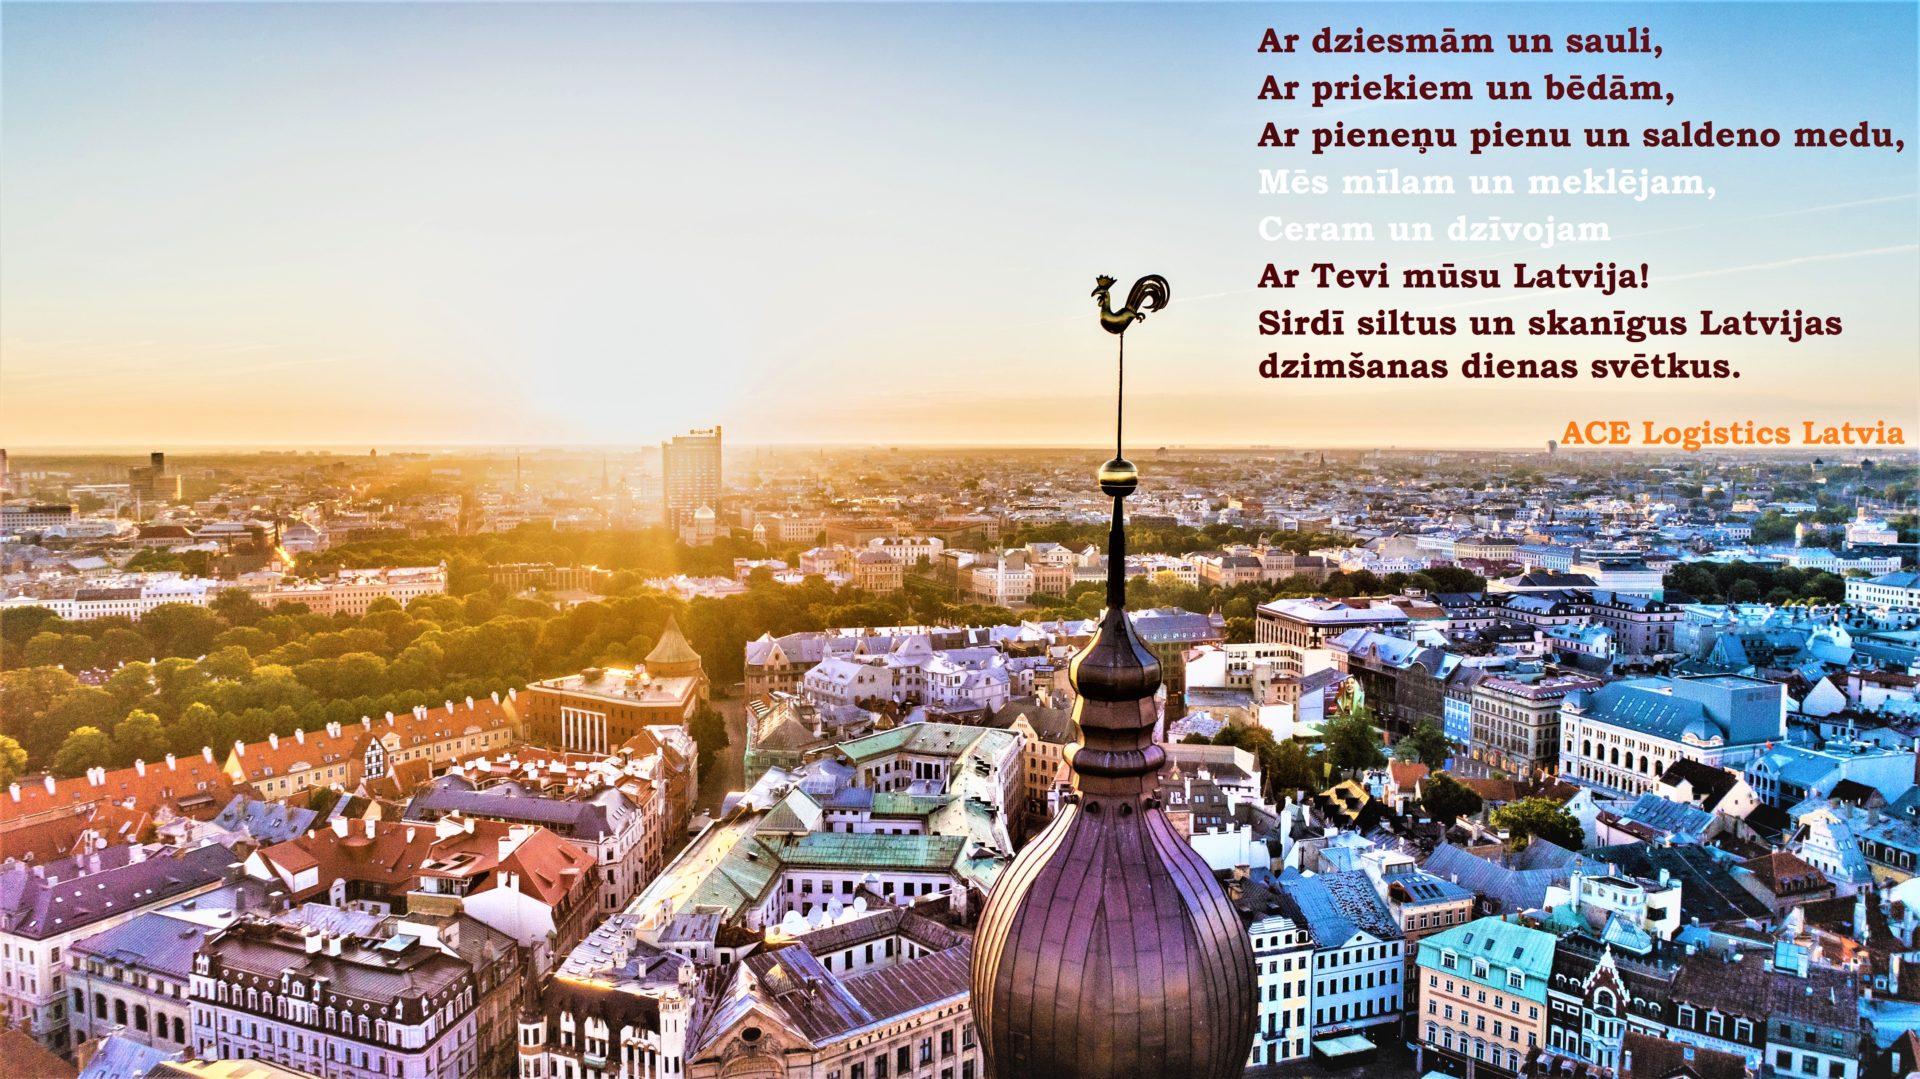 ace Logistics Latvia svieciens Latvijas 100 gadu jubilejā